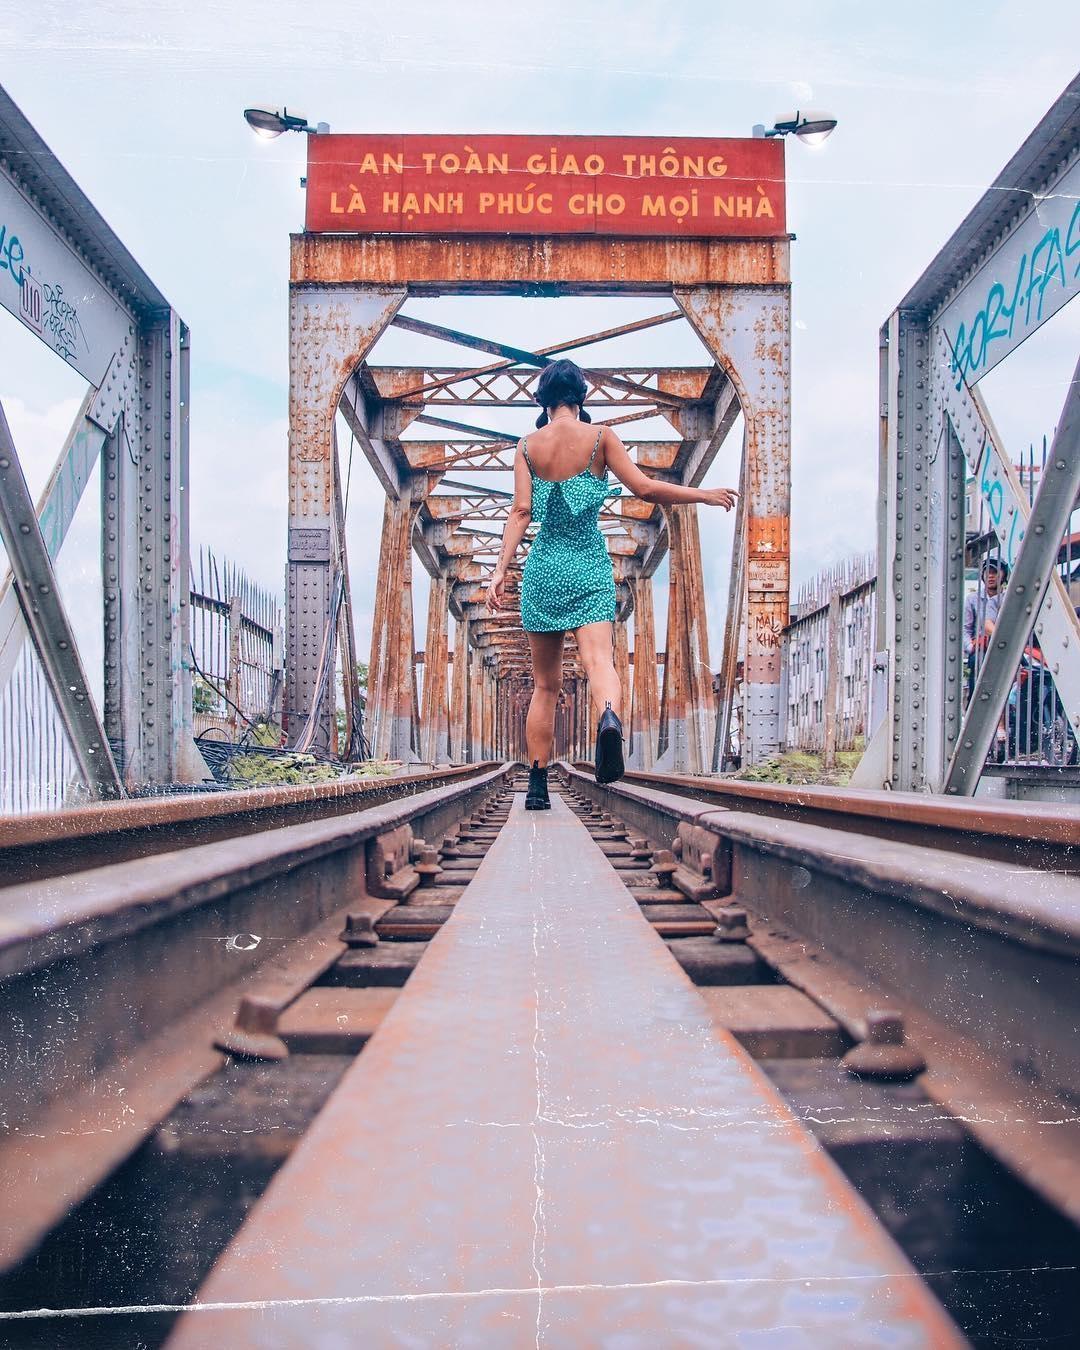 Bất chấp nguy hiểm, khách du lịch đổ xô đến cầu Long Biên chụp ảnh 'check-in' Ảnh 6